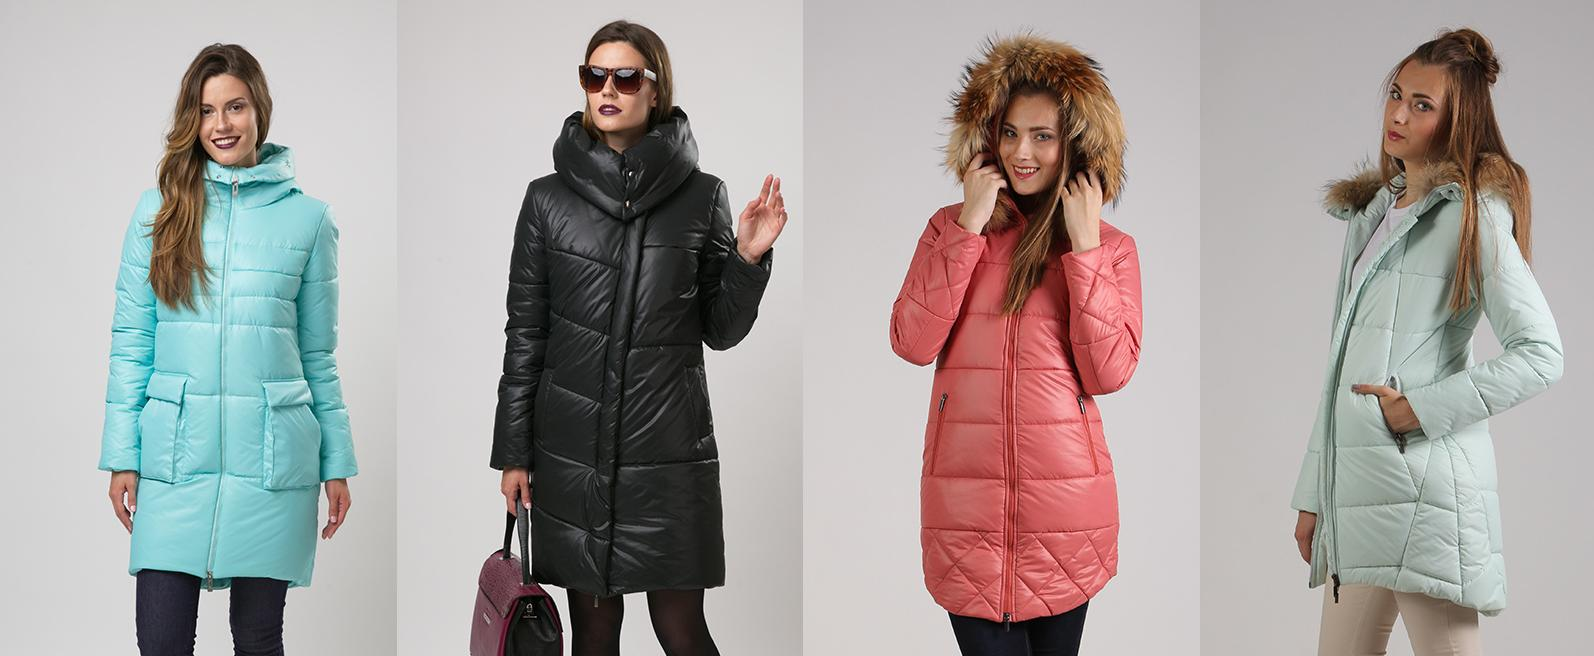 ТwinТiр - 49. Стильные модели осенней и зимней коллекций верхней женской одежды белорусского производителя. Пальто, куртки, парки. Распродажа! Большой выбор! Без рядов!